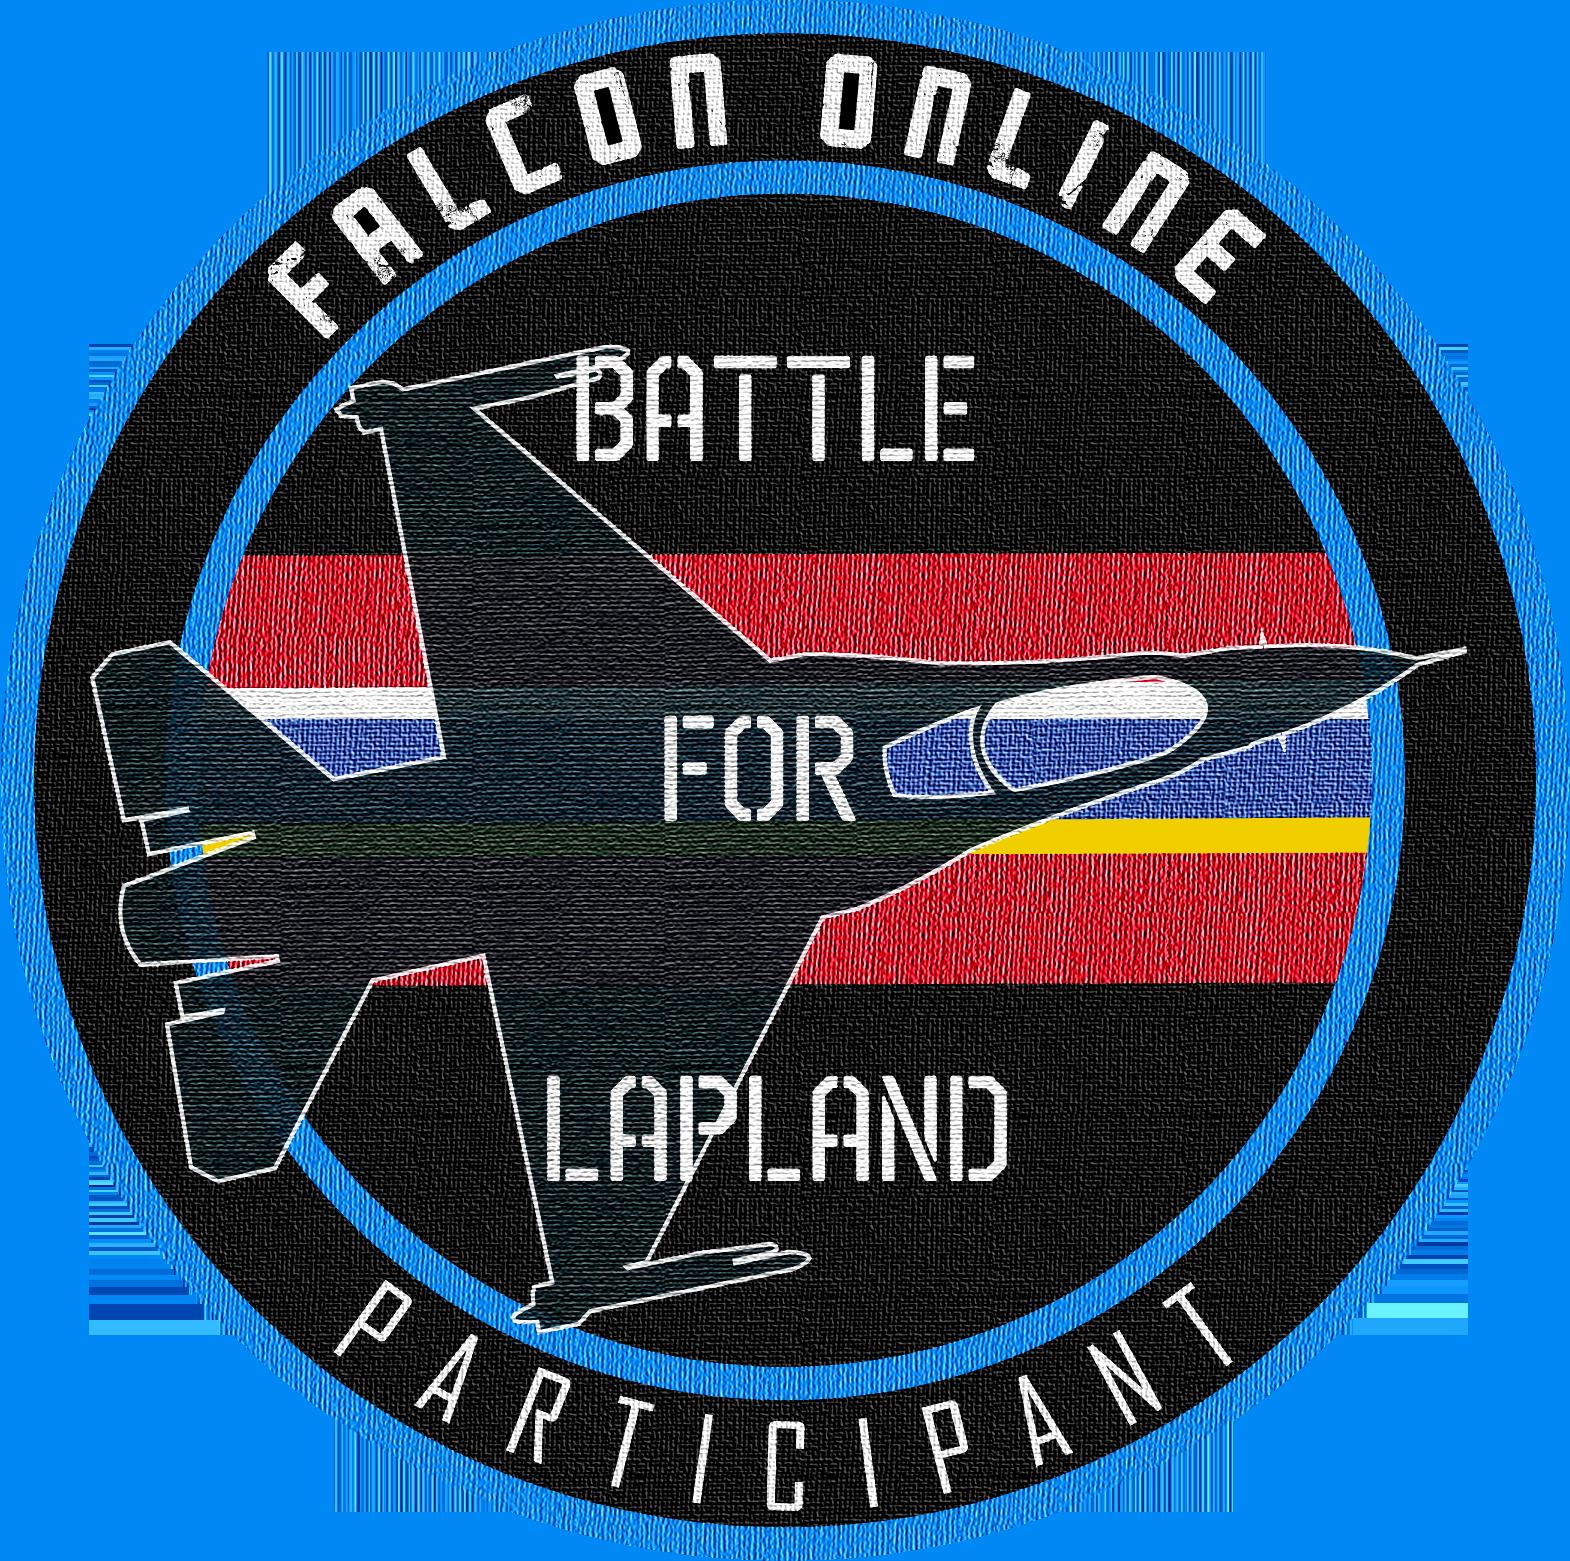 BATTLE FOR LAPLAND